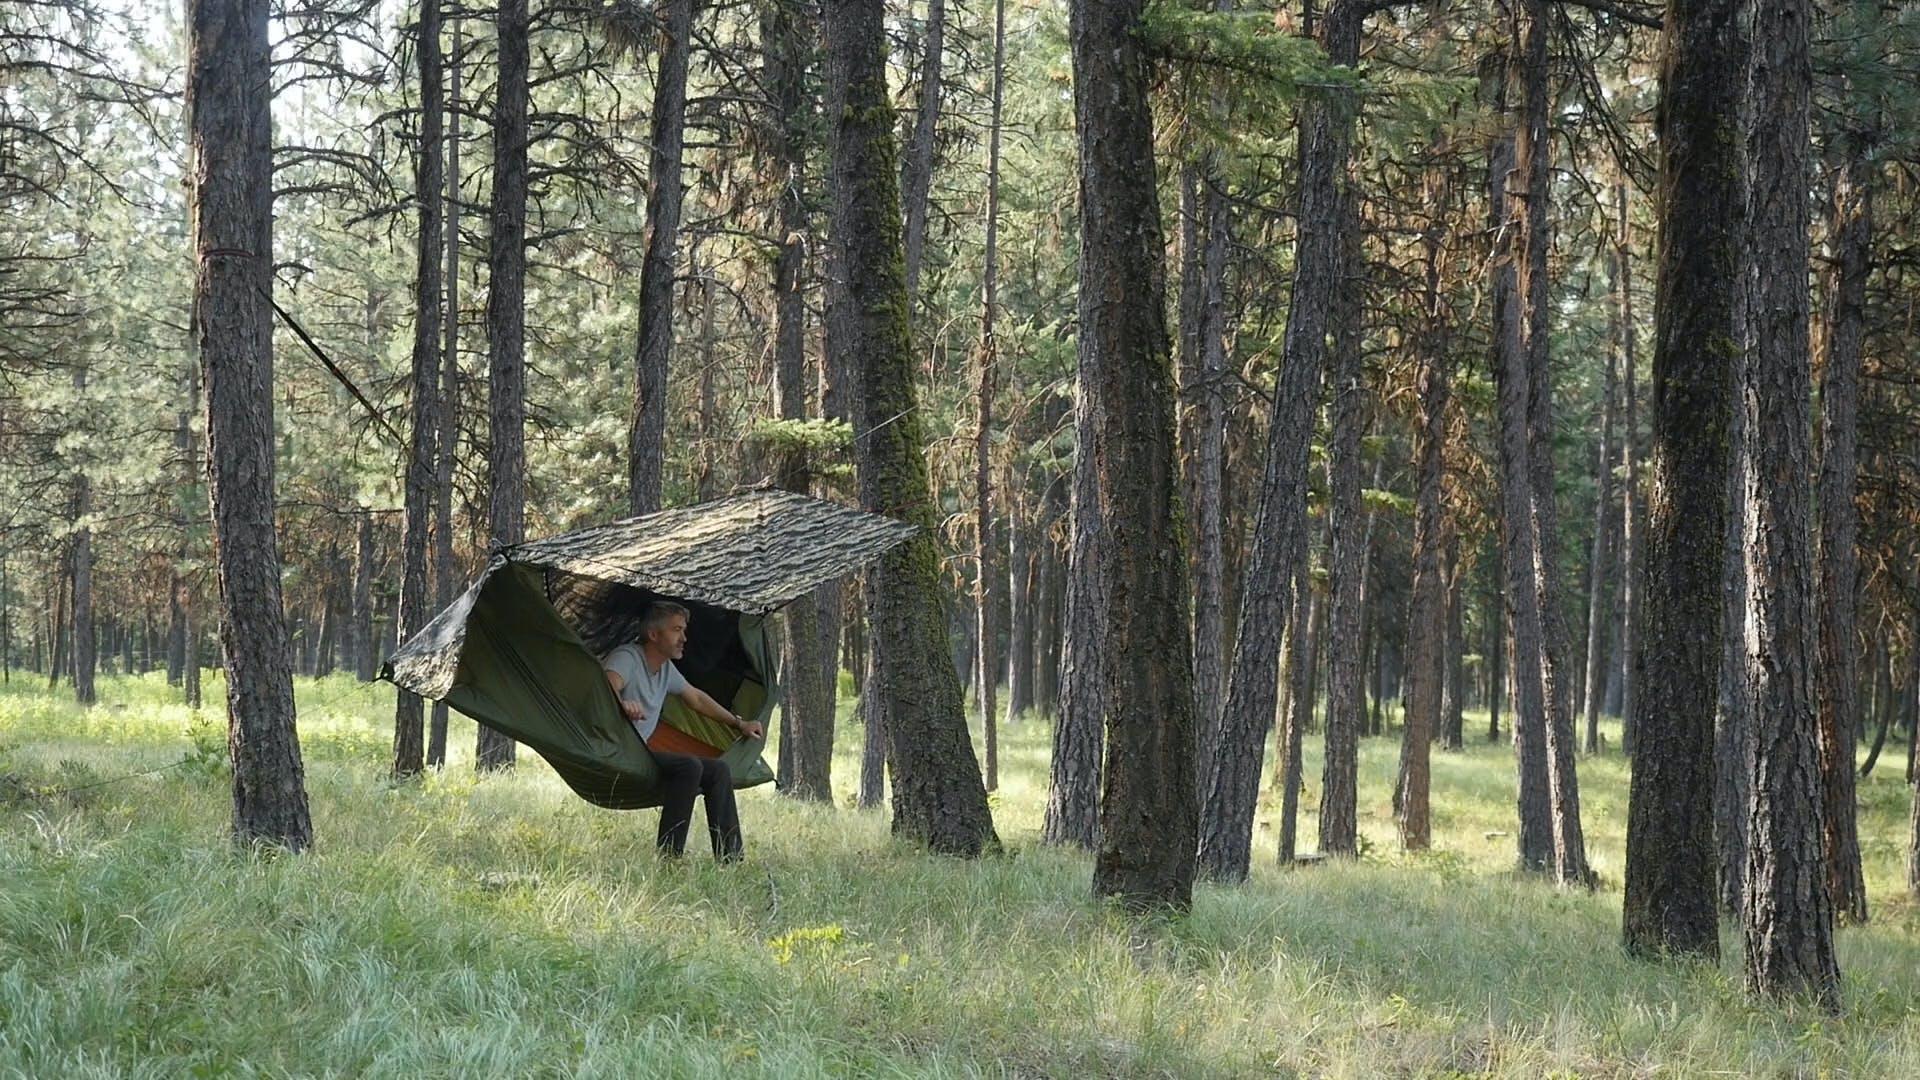 「ハンモックとテントのいいとこどり」なアウトドアギアに新作登場!もっと快適に寝れちゃうな〜